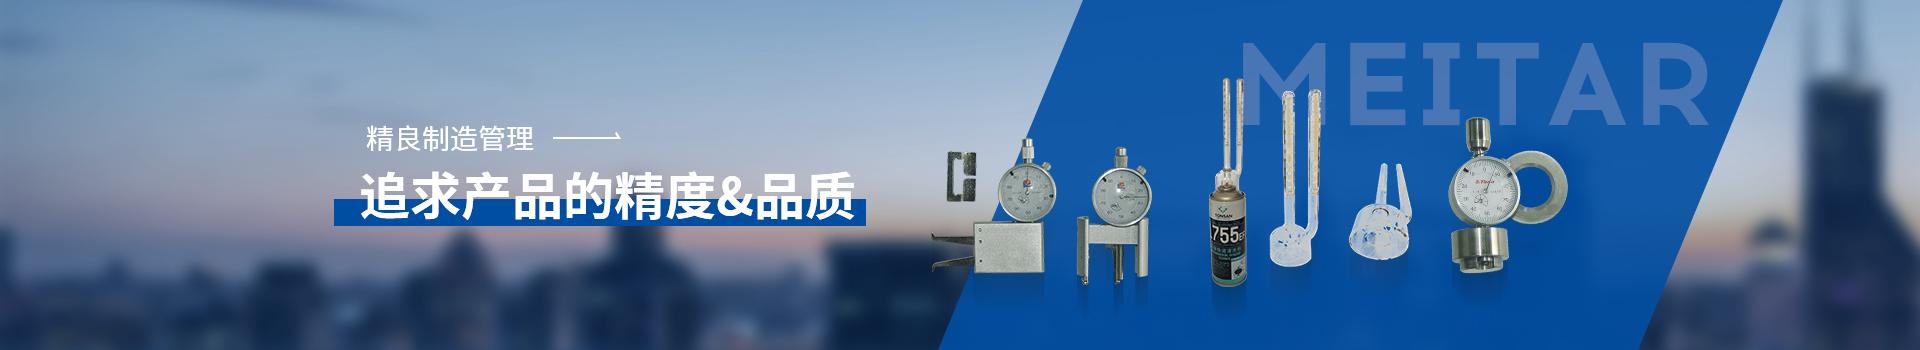 美达气雾剂产品检测设备,追求产品精度和品质